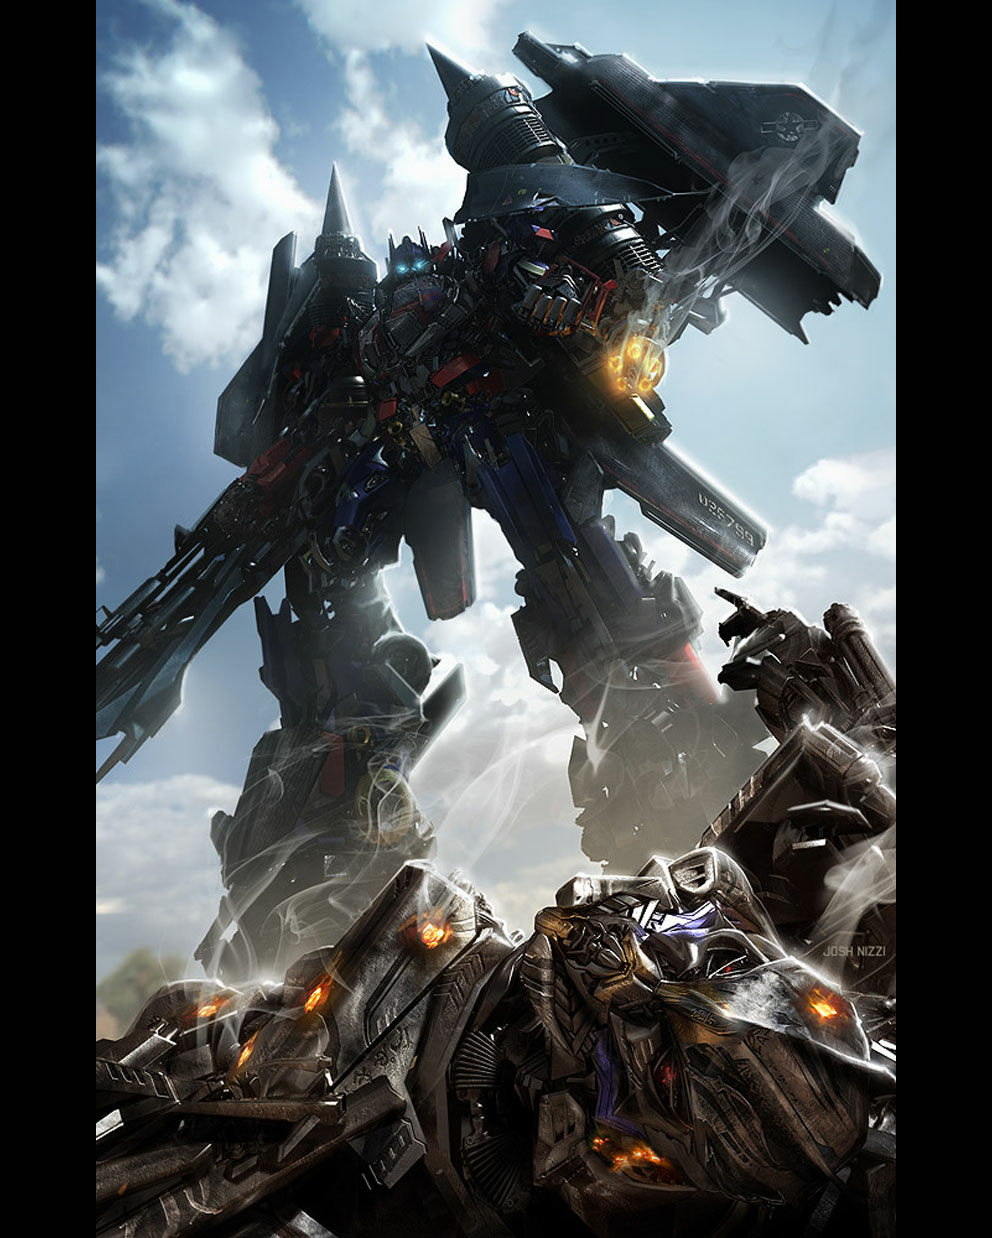 Sci Fi Transformer : Sci fi transformers revenge of the fallen d digital